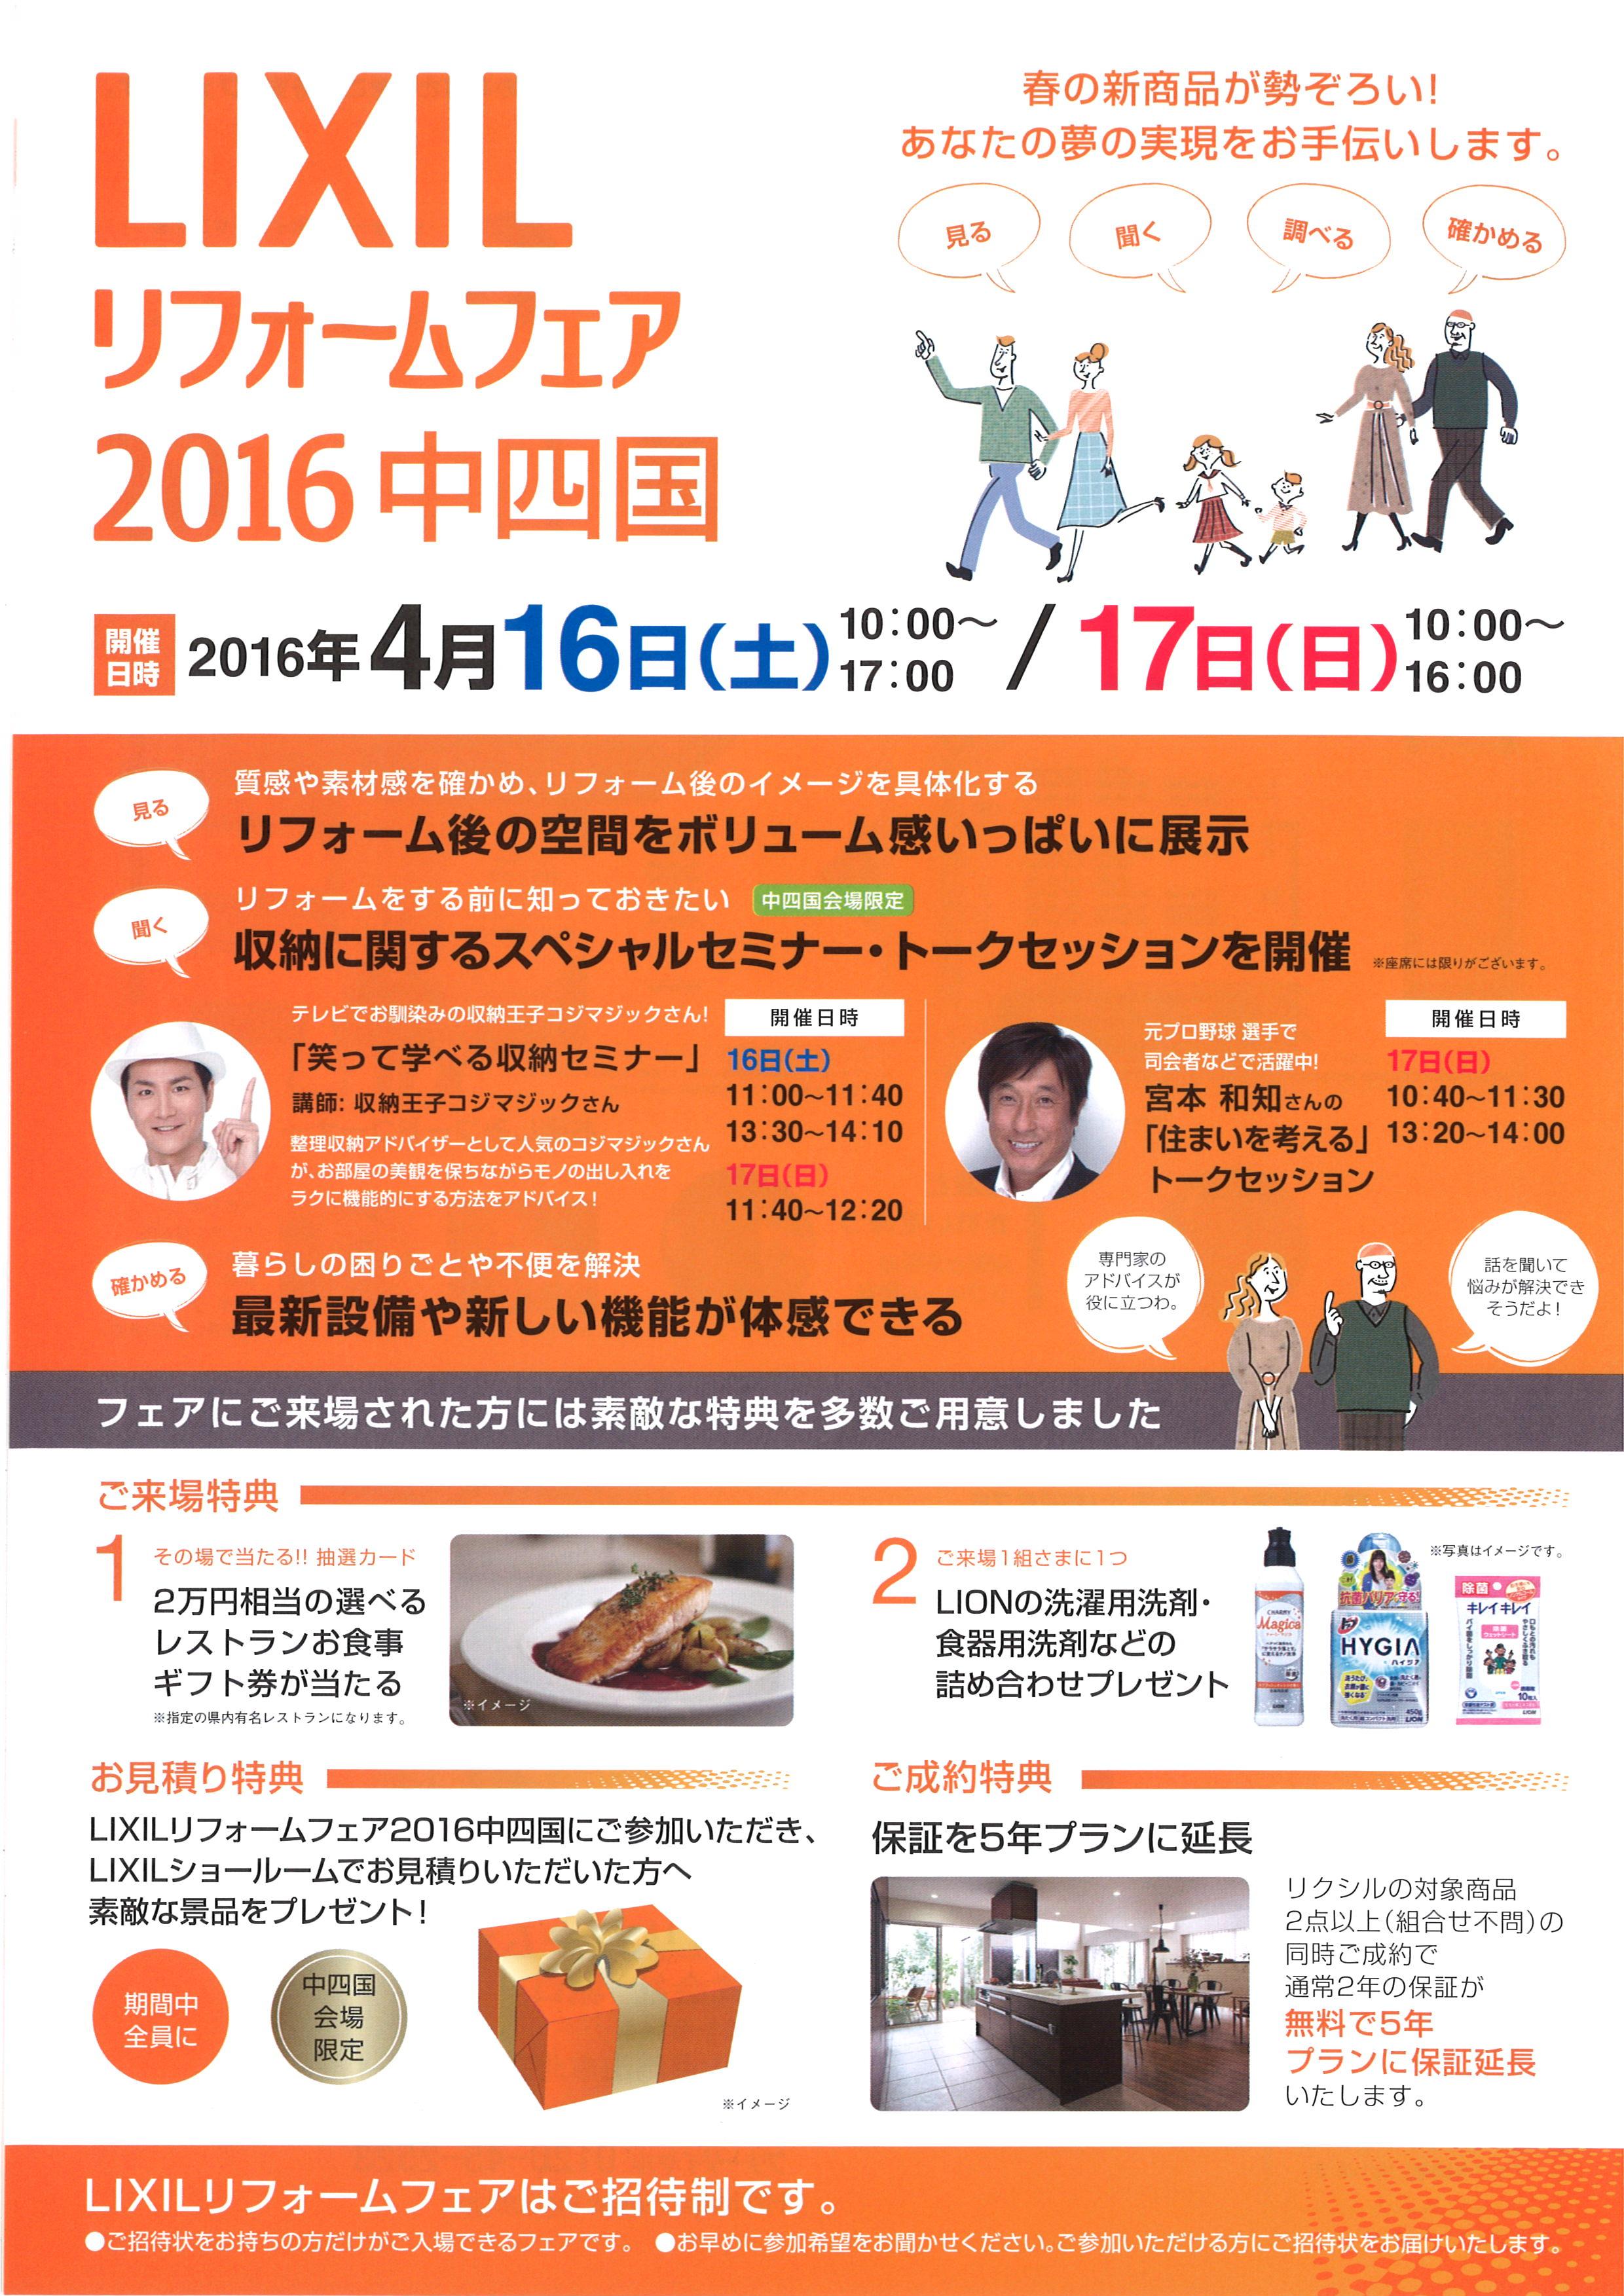 リフォームフェアチラシ裏 (2).jpg